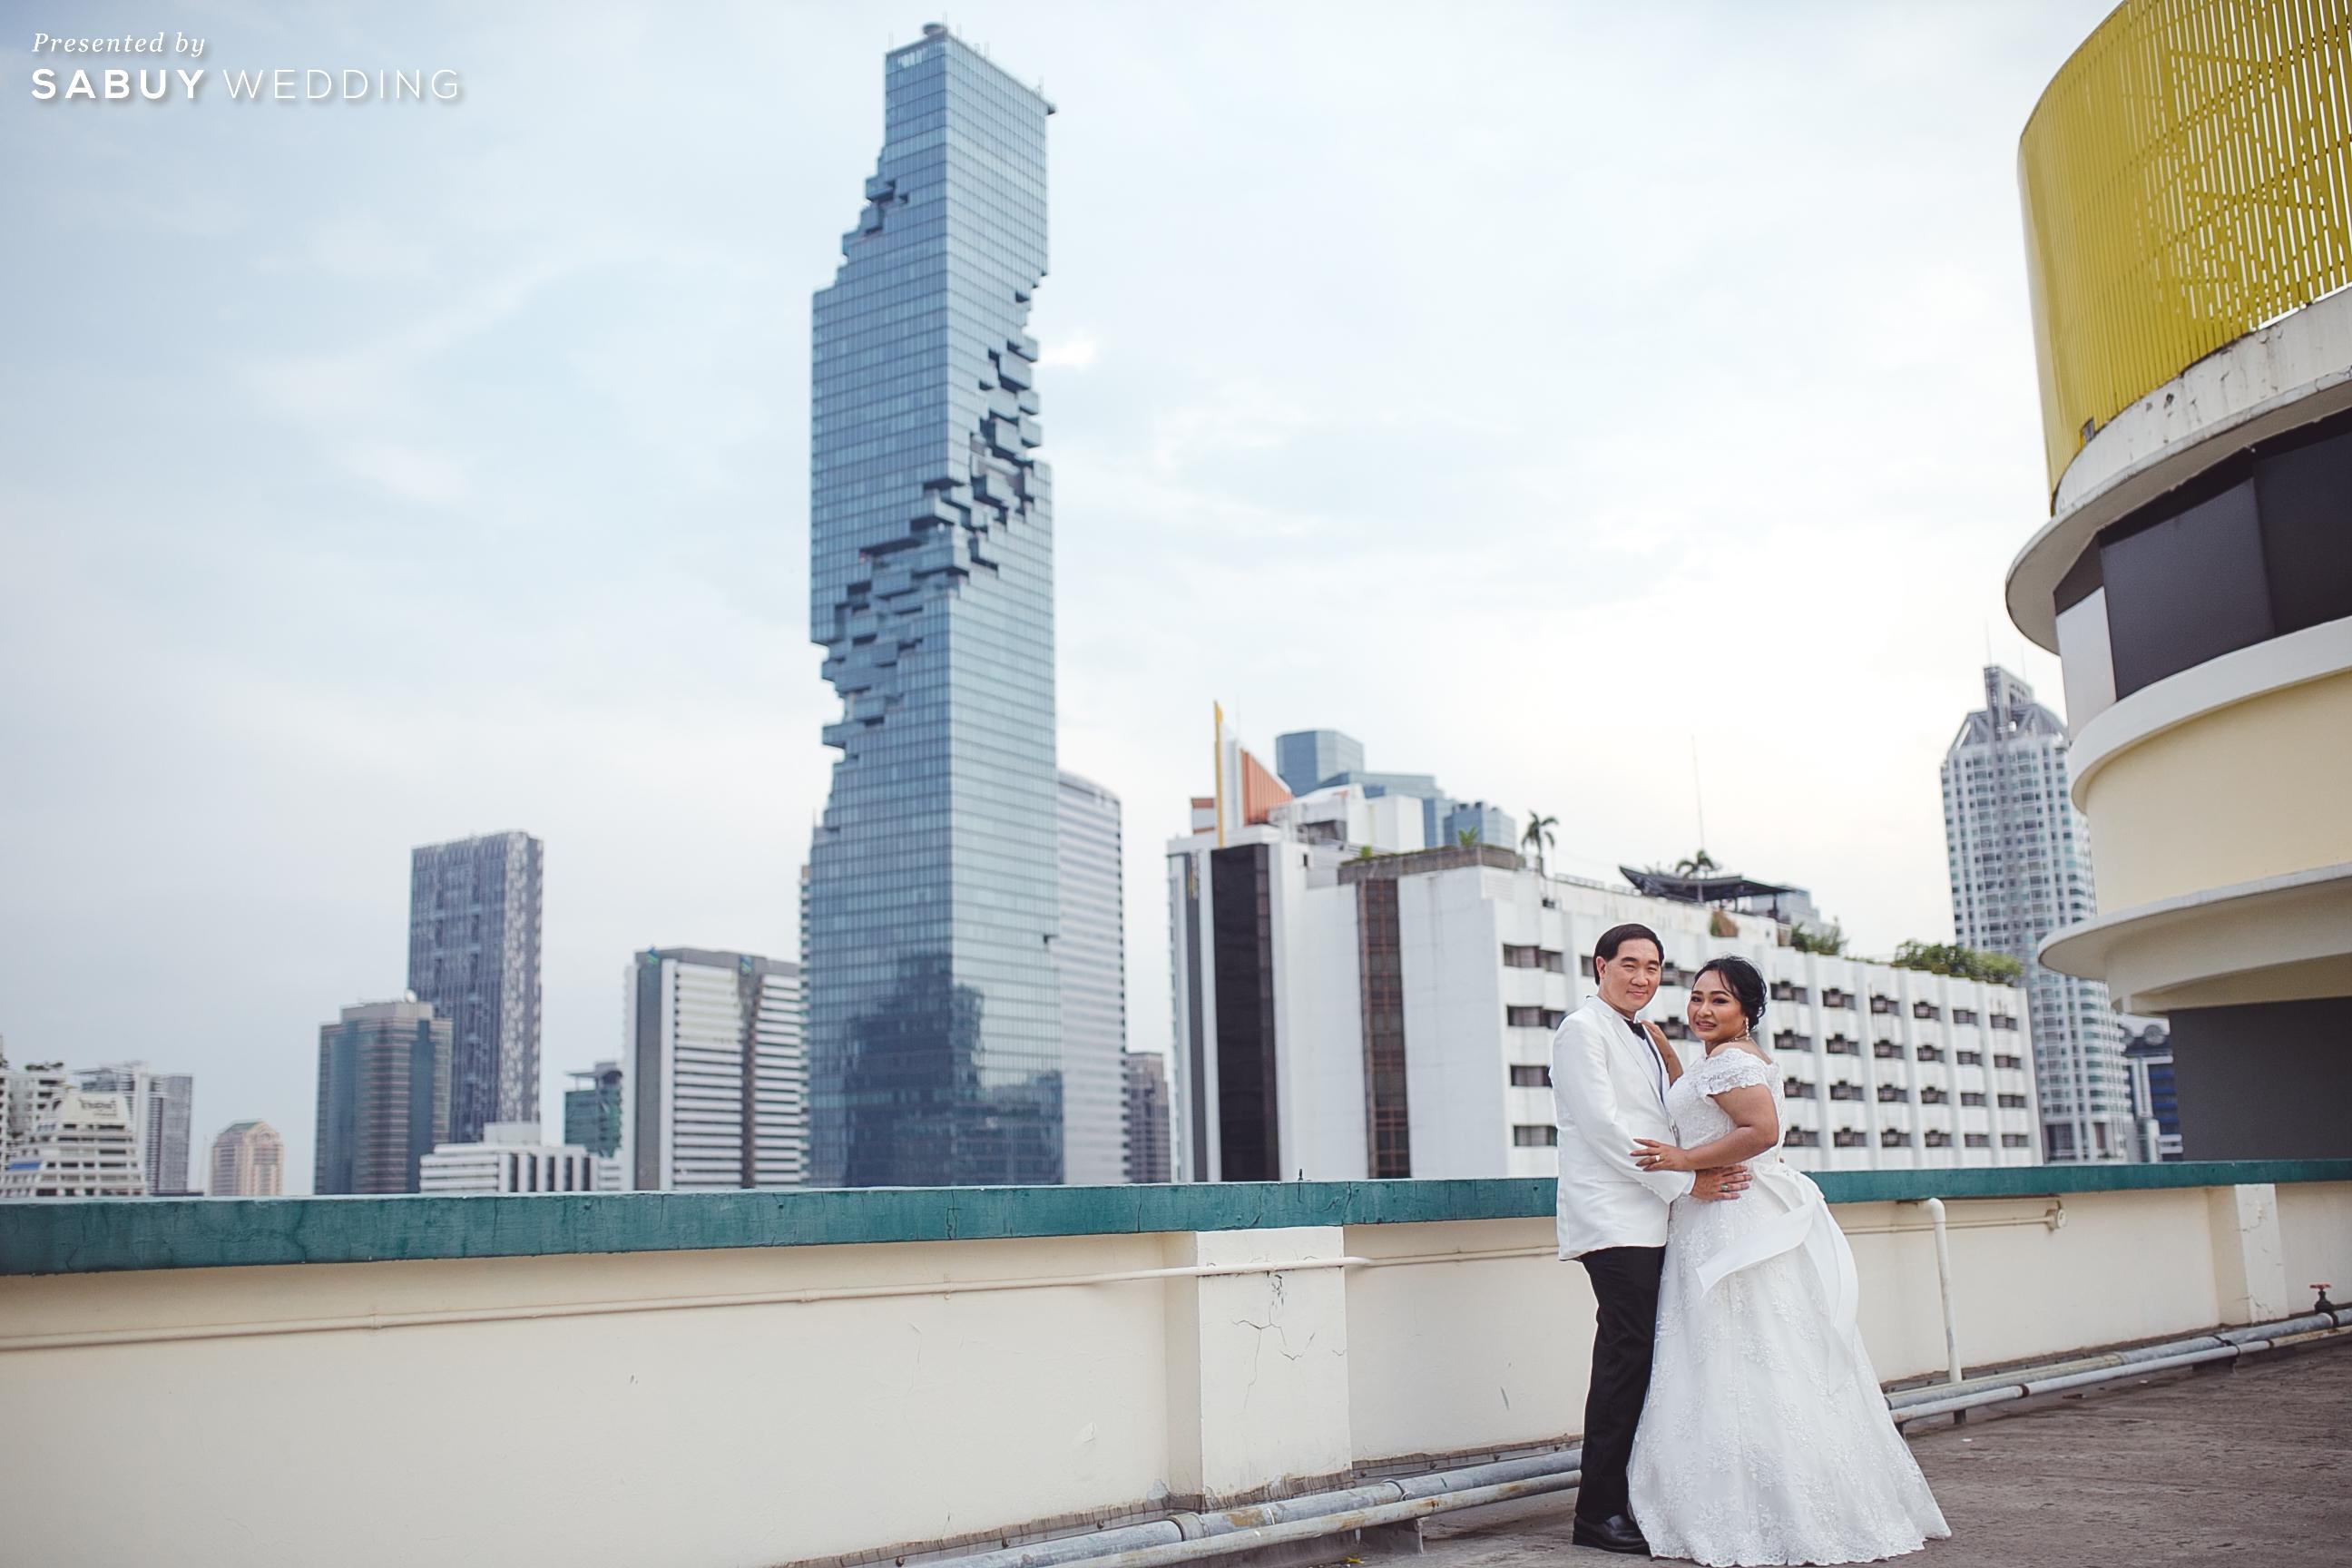 สถานที่แต่งงาน,ชุดแต่งงาน รีวิวงานแต่งสุดคลาสสิก กับกิมมิคแจกของรางวัล @ Narai Hotel